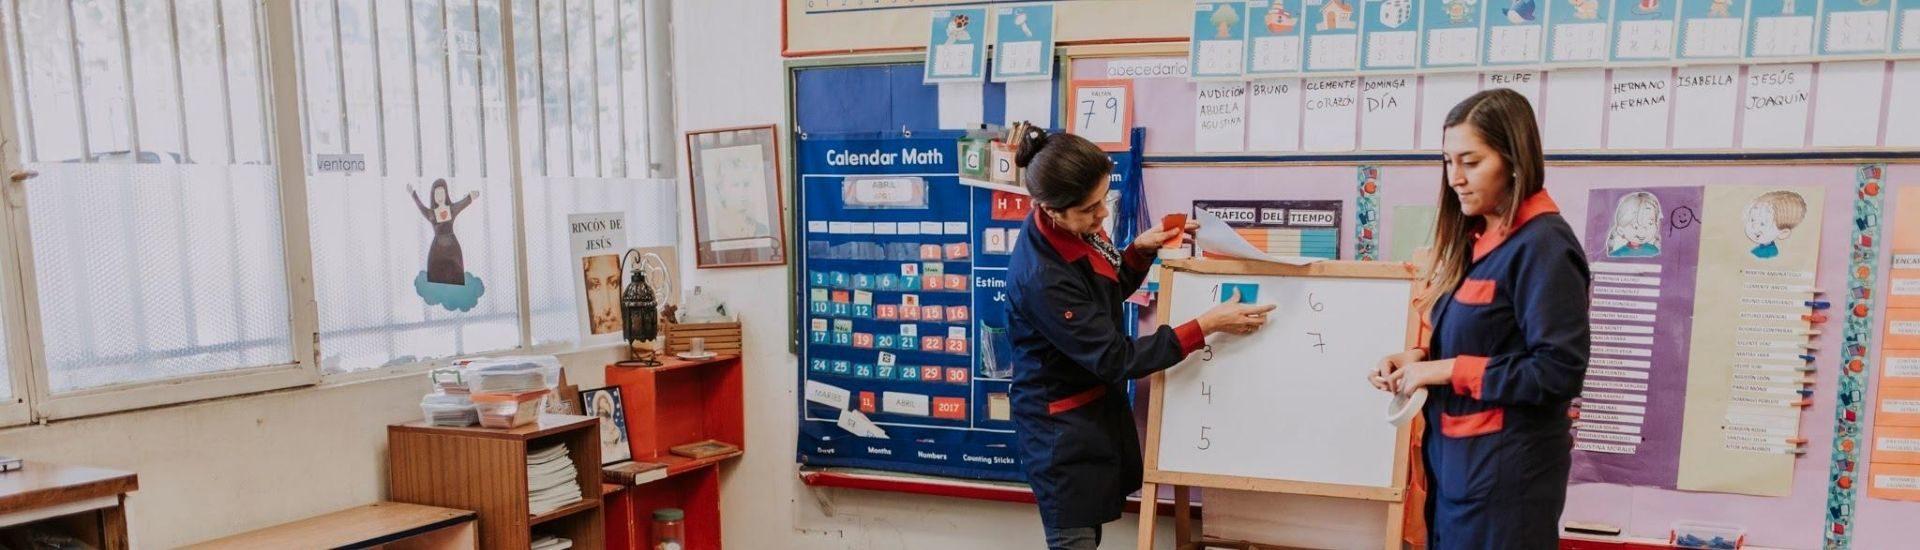 Foto de profesoras en la sala de clases utilizando la pizarra